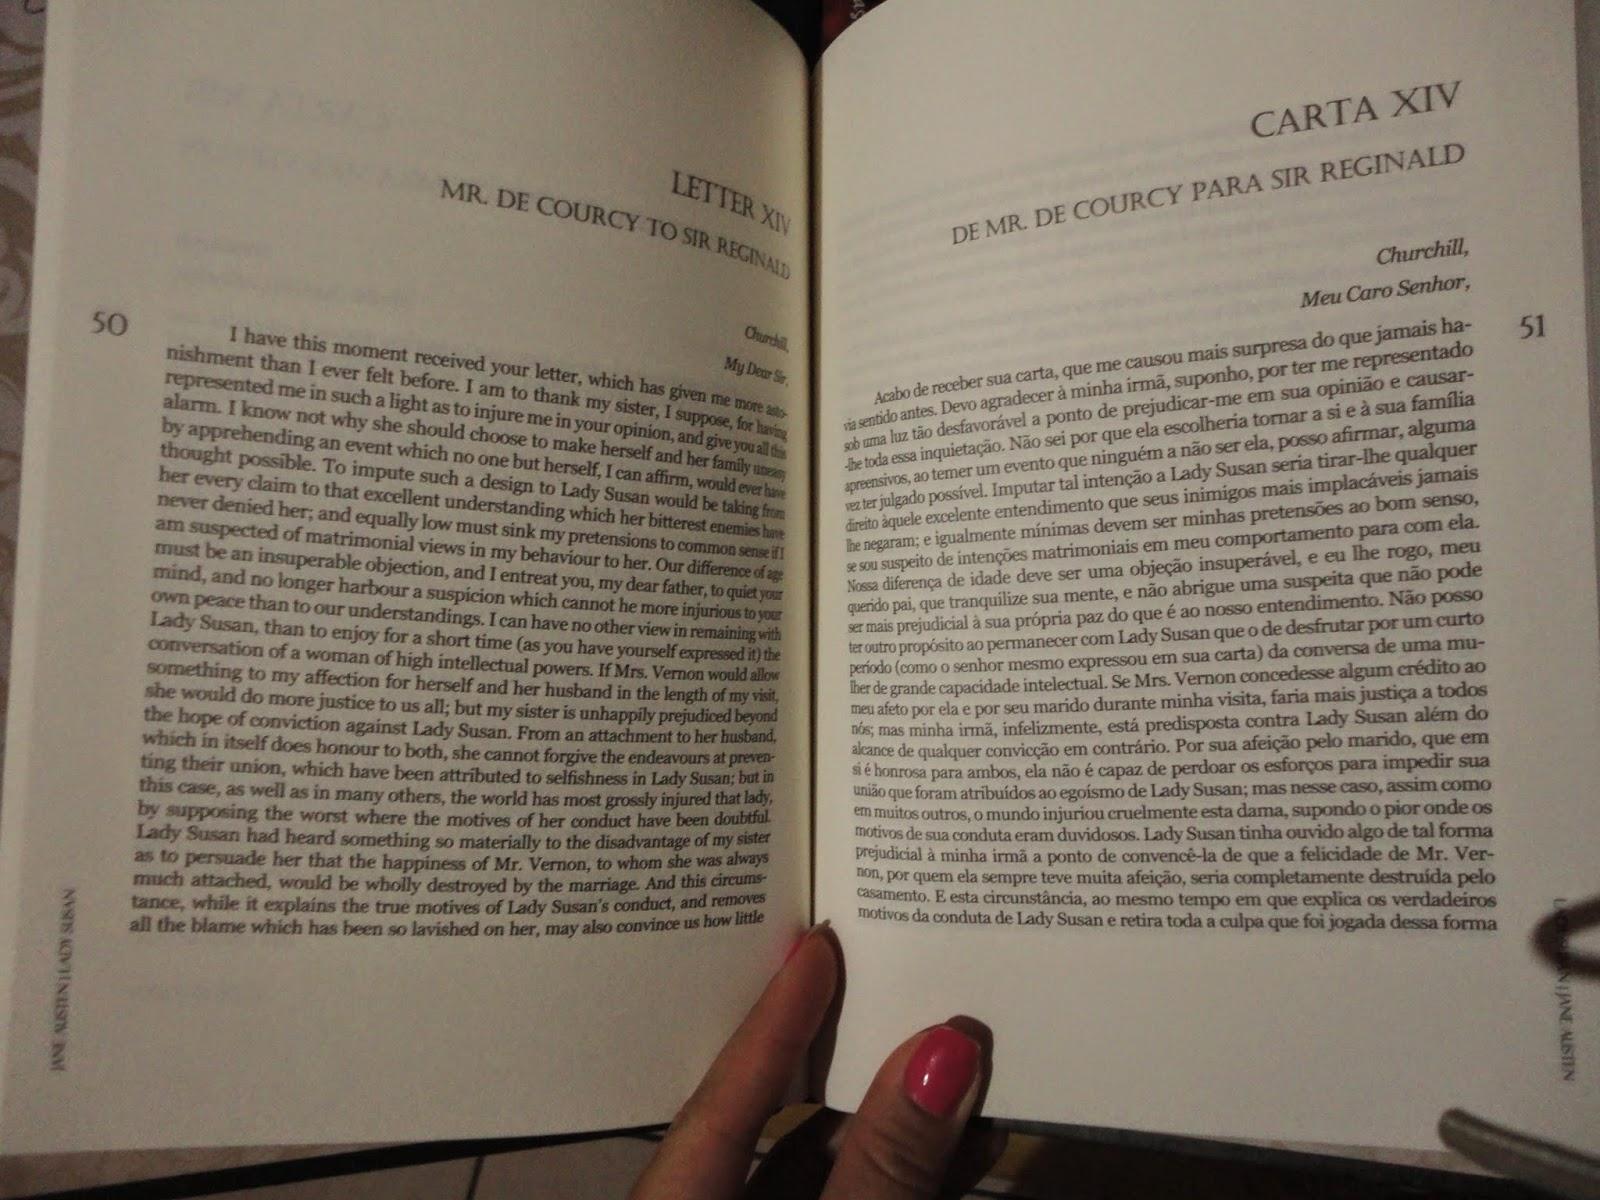 Confisses femininas na minha caixa de correio 135 do livro e depois a verso em portugus mas uma traduo pgina pgina uma pgina em ingls e uma com a traduo em portugus lado a lado fandeluxe Images